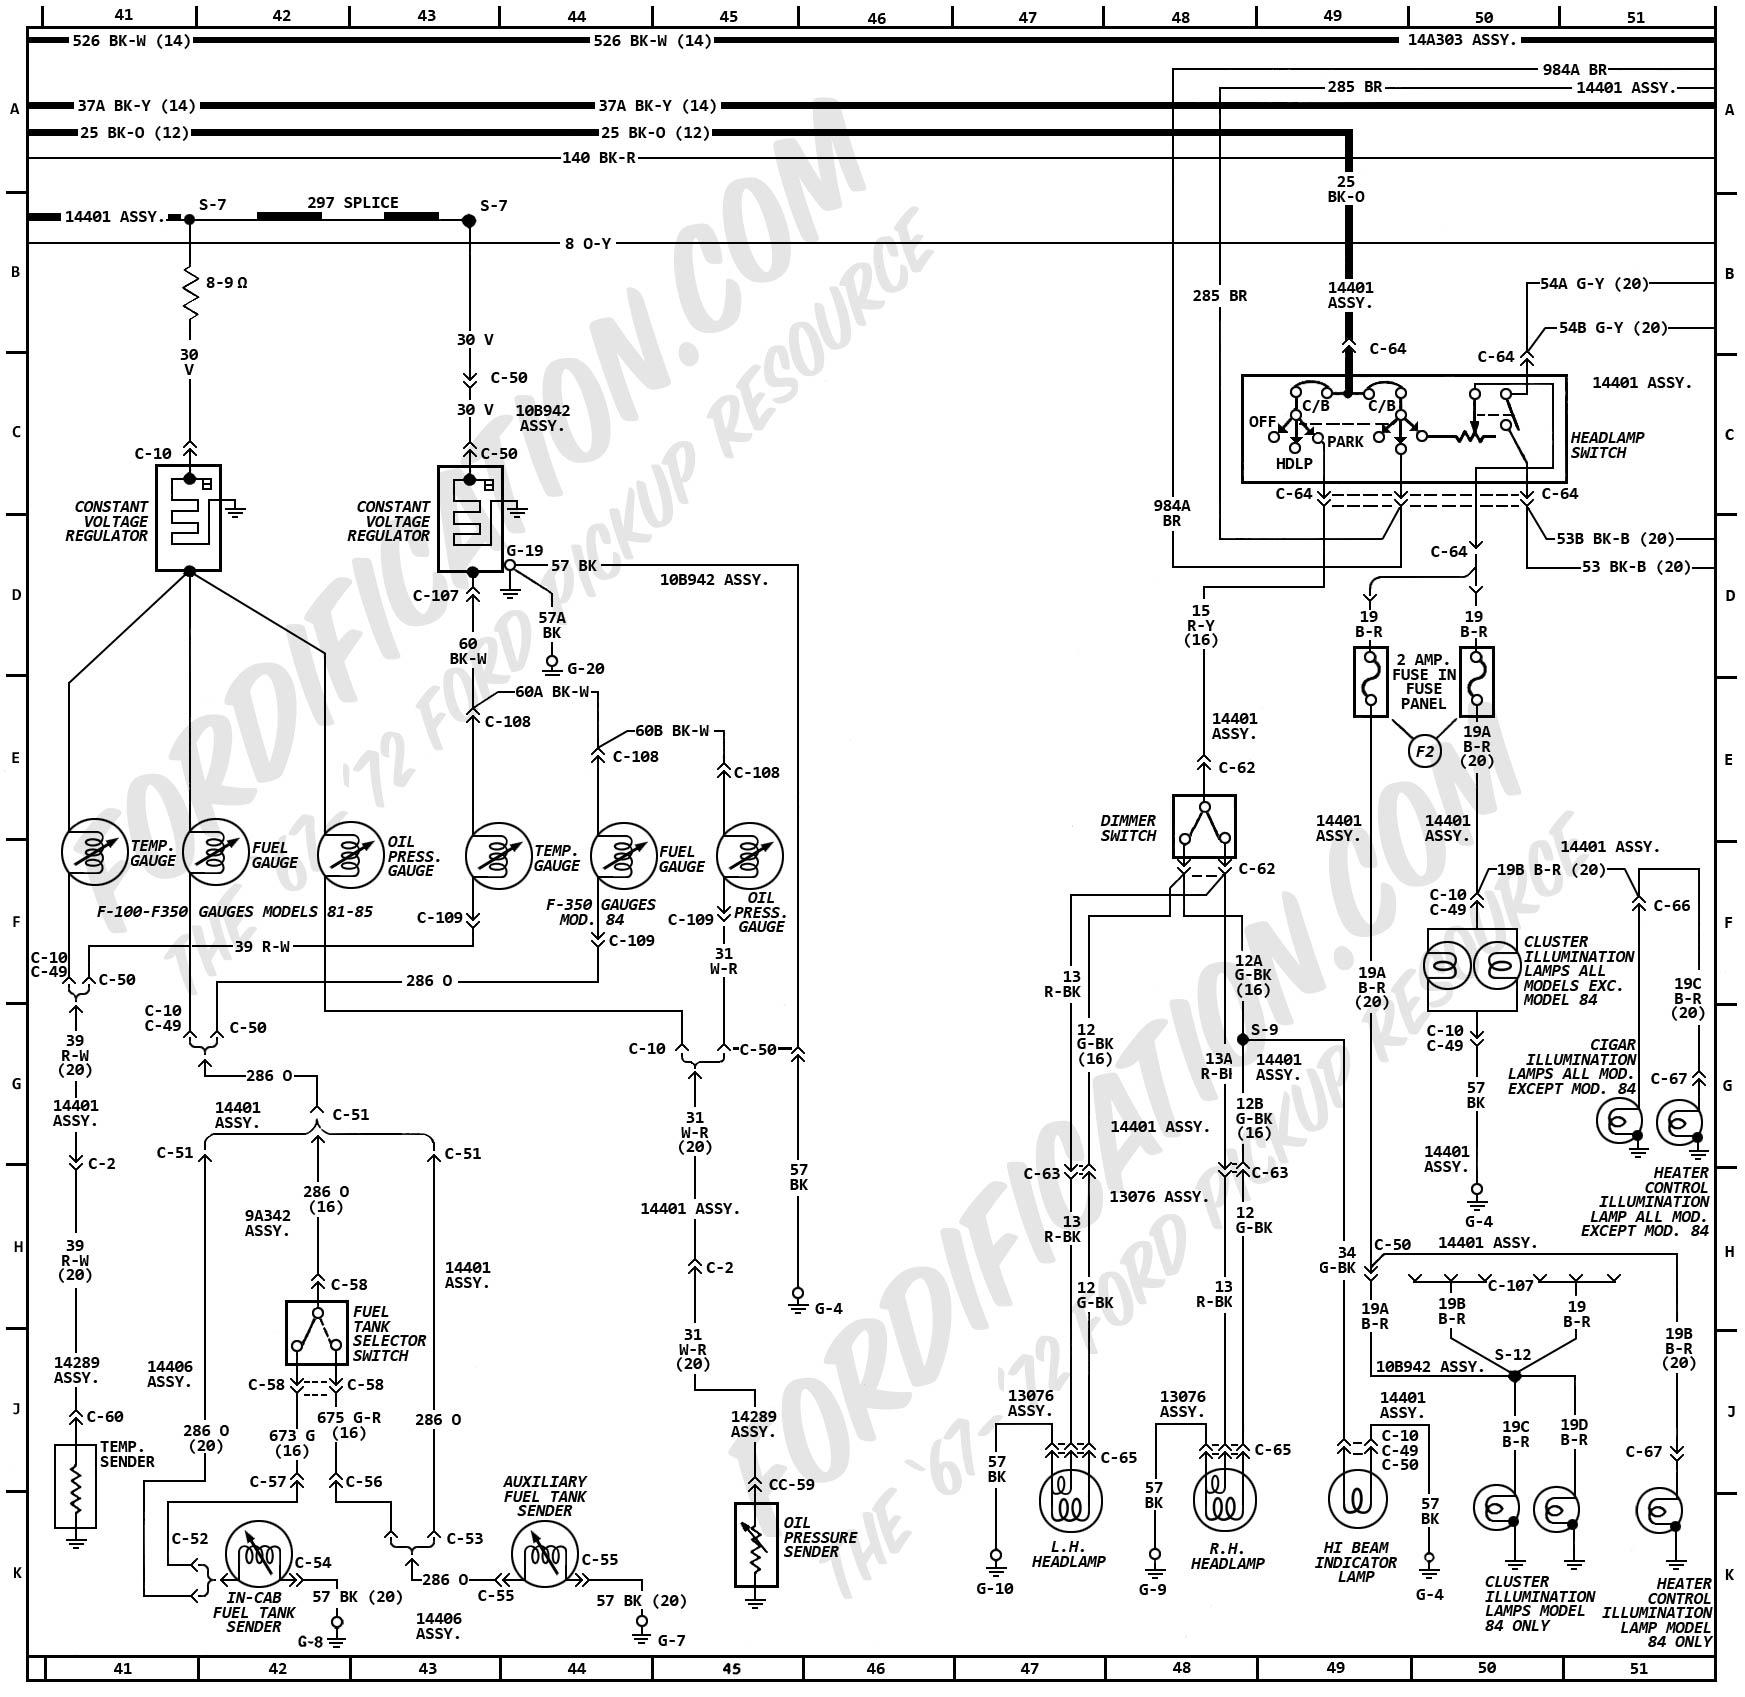 1990 Ford Lseries Wiring Diagram L8000 L9000 Lt8000 Lt9000 Ln7000